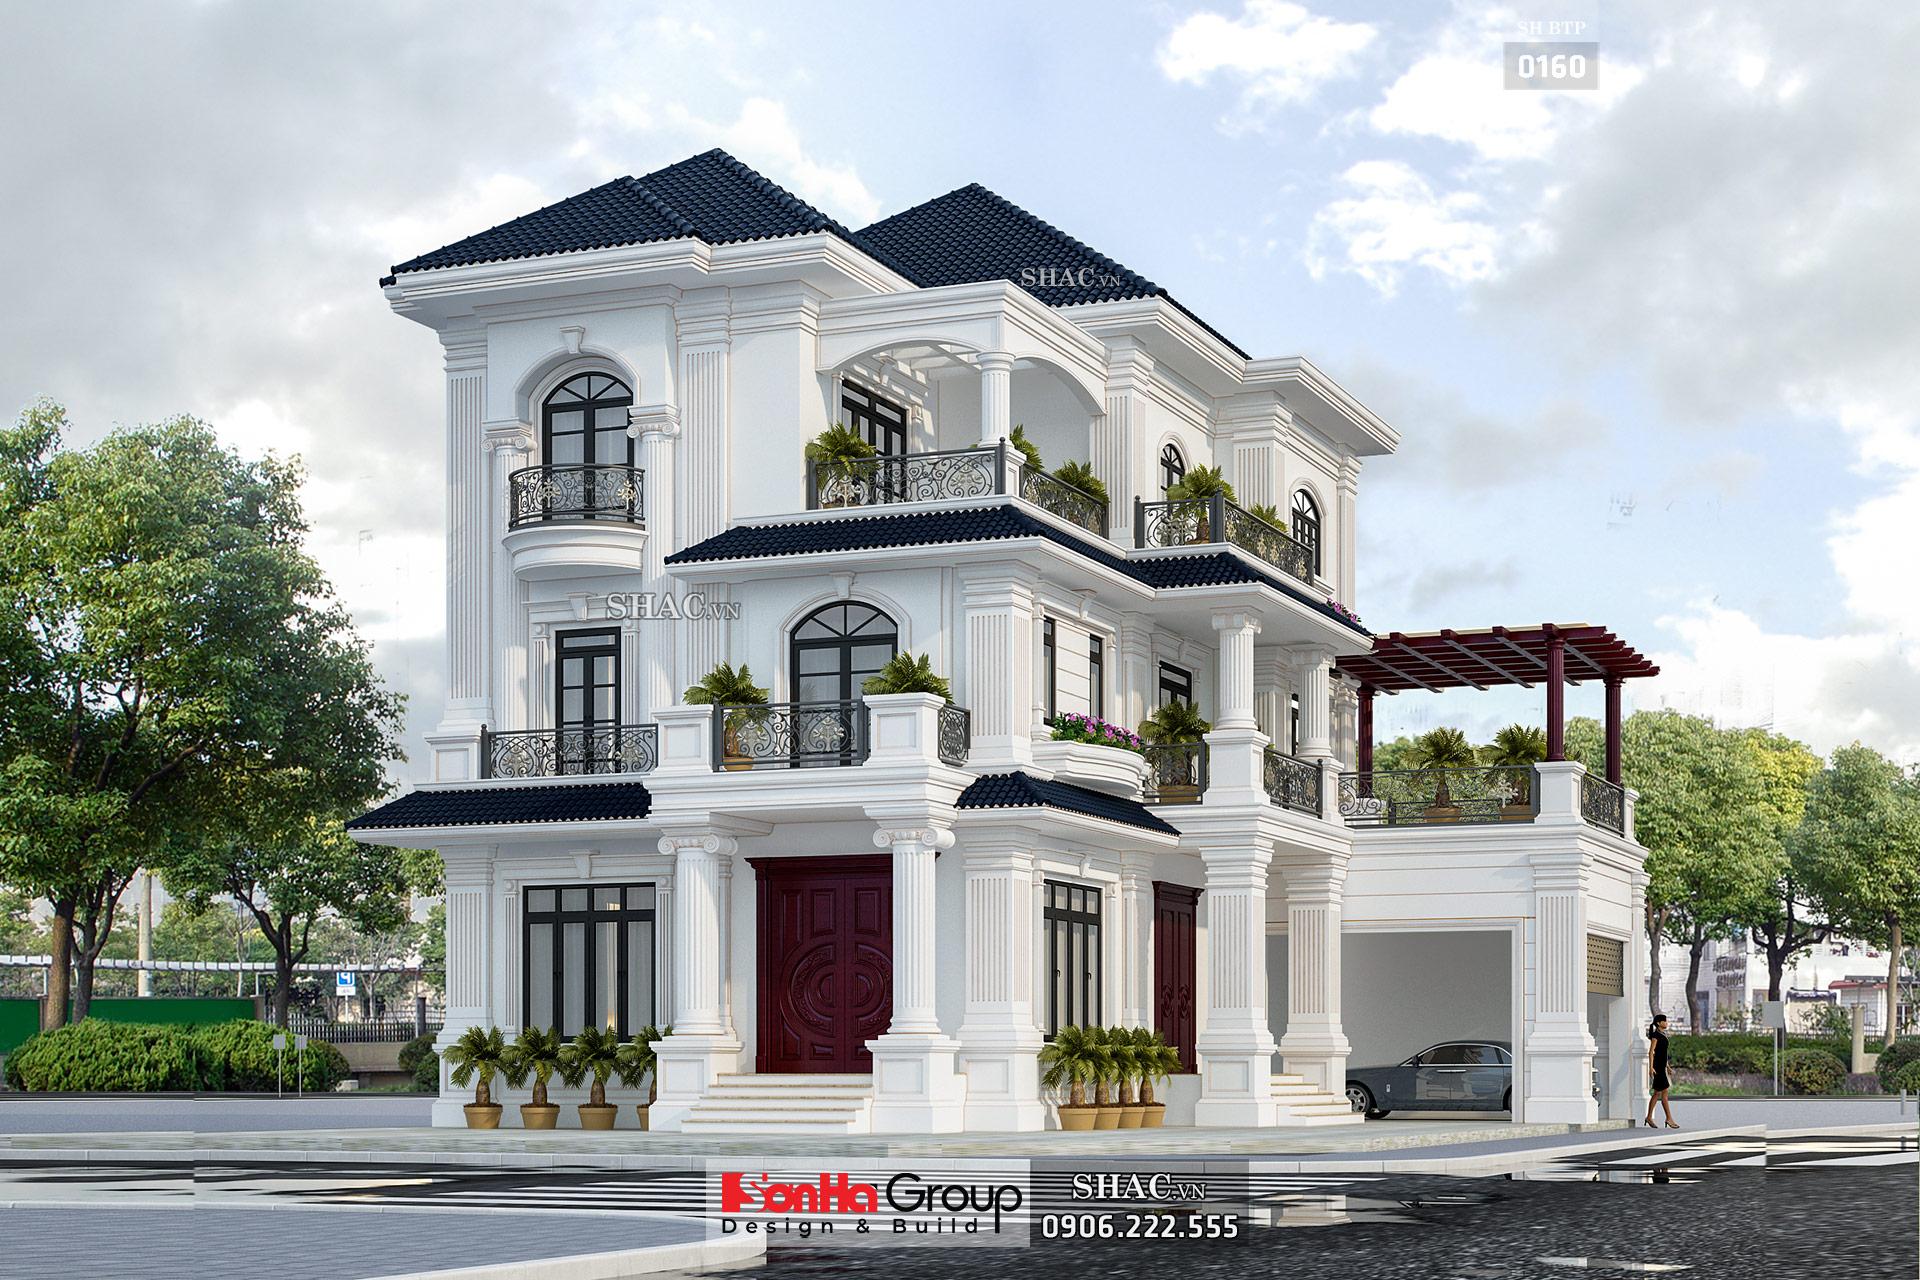 Biệt thự 3 tầng 2 mặt tiền 330m2 màu trắng tân cổ điển